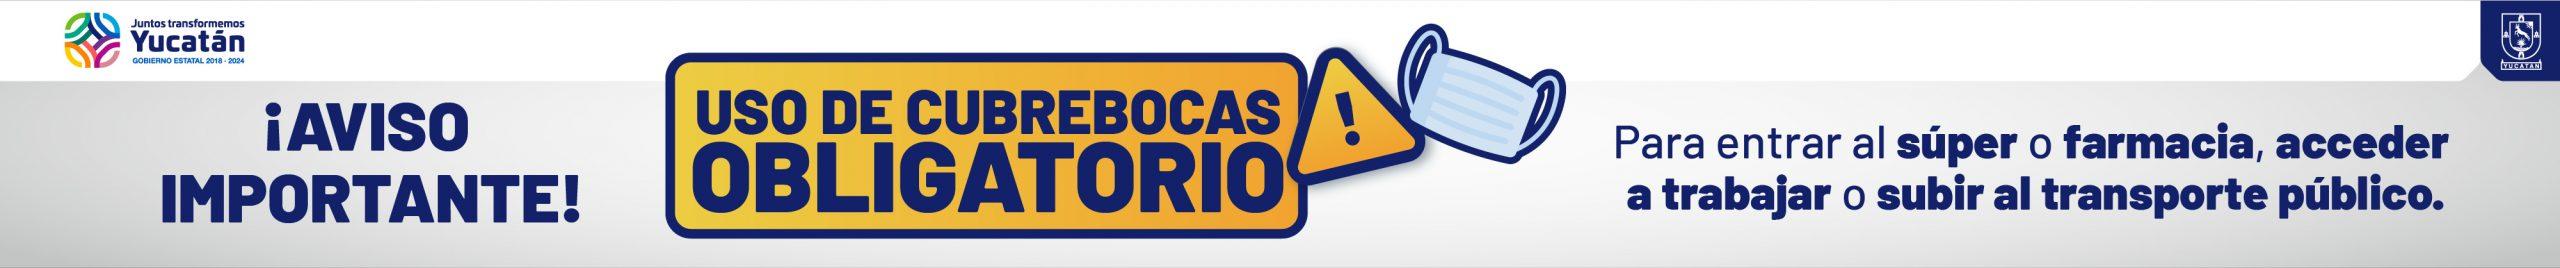 TI_banner_USO-OBLIGATORIO-CUBREBOCAS 960x100